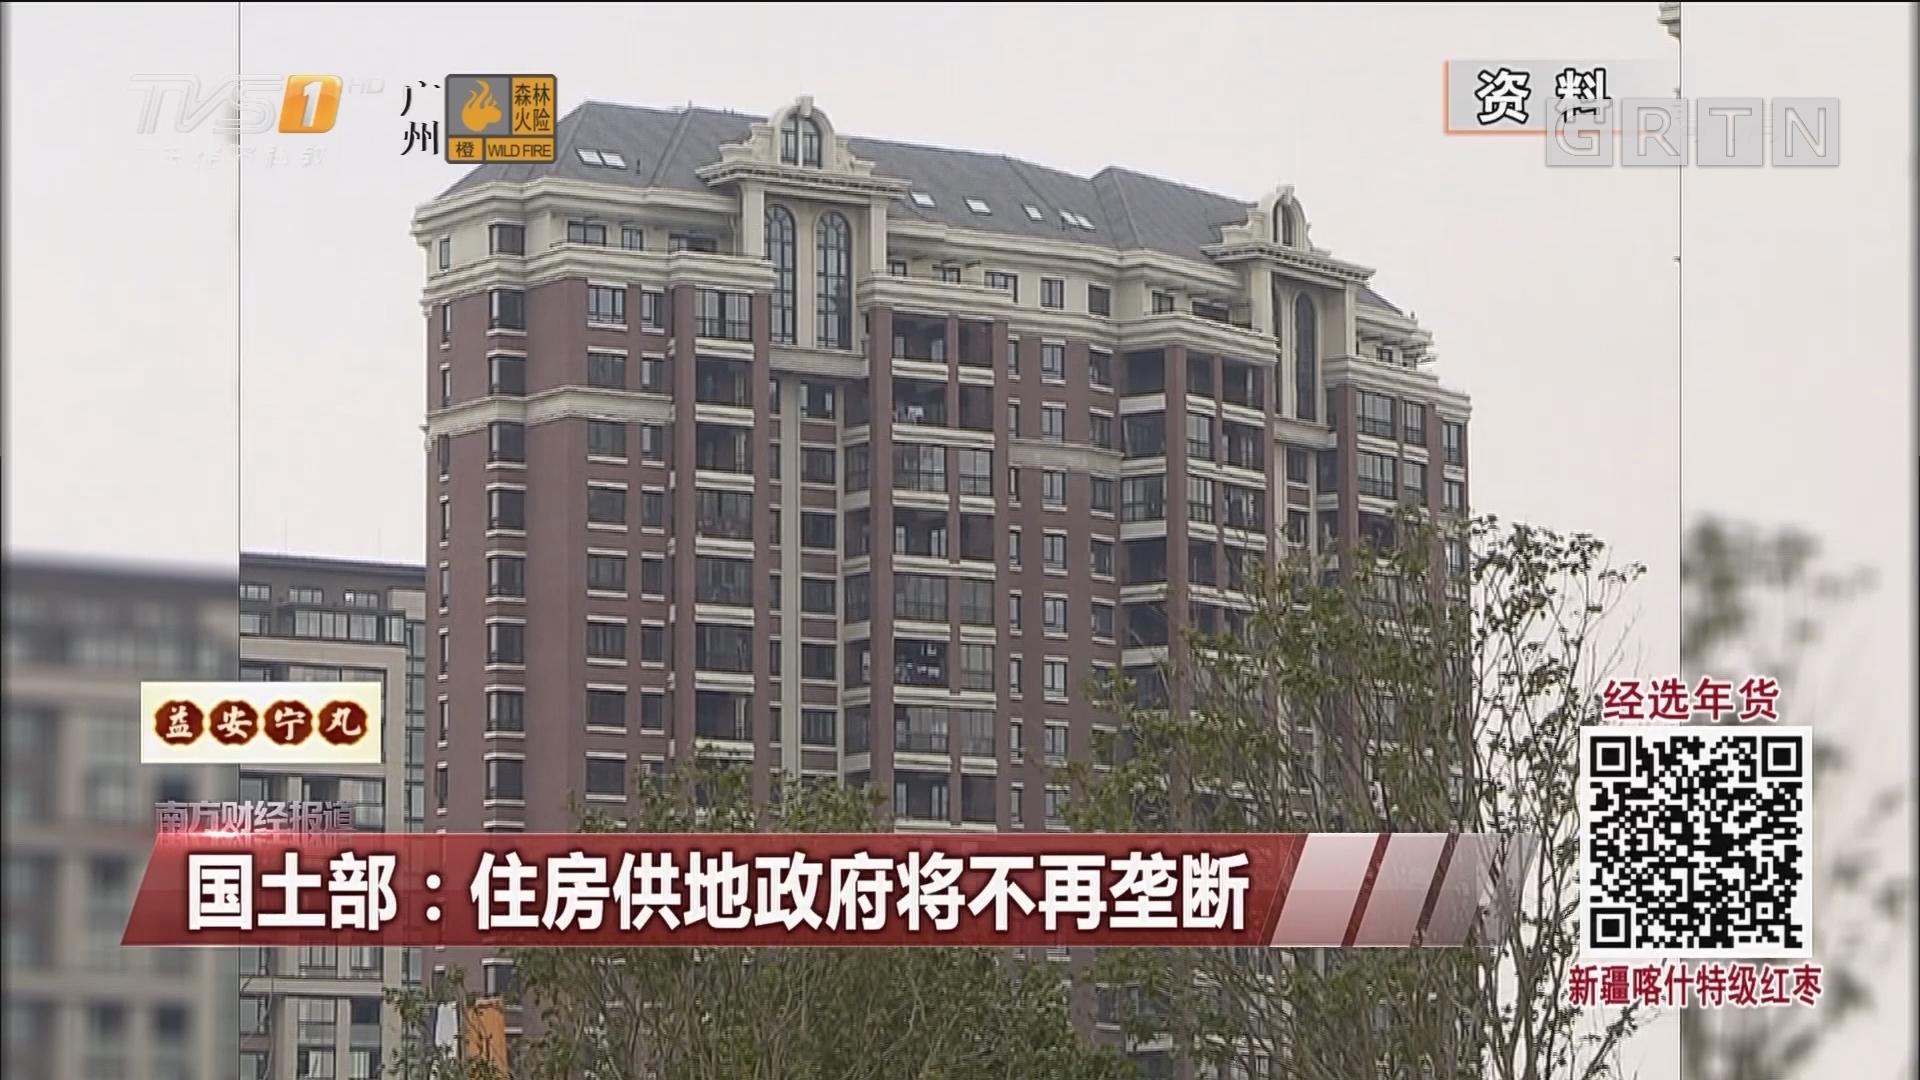 国土部:住房供地政府将不再垄断